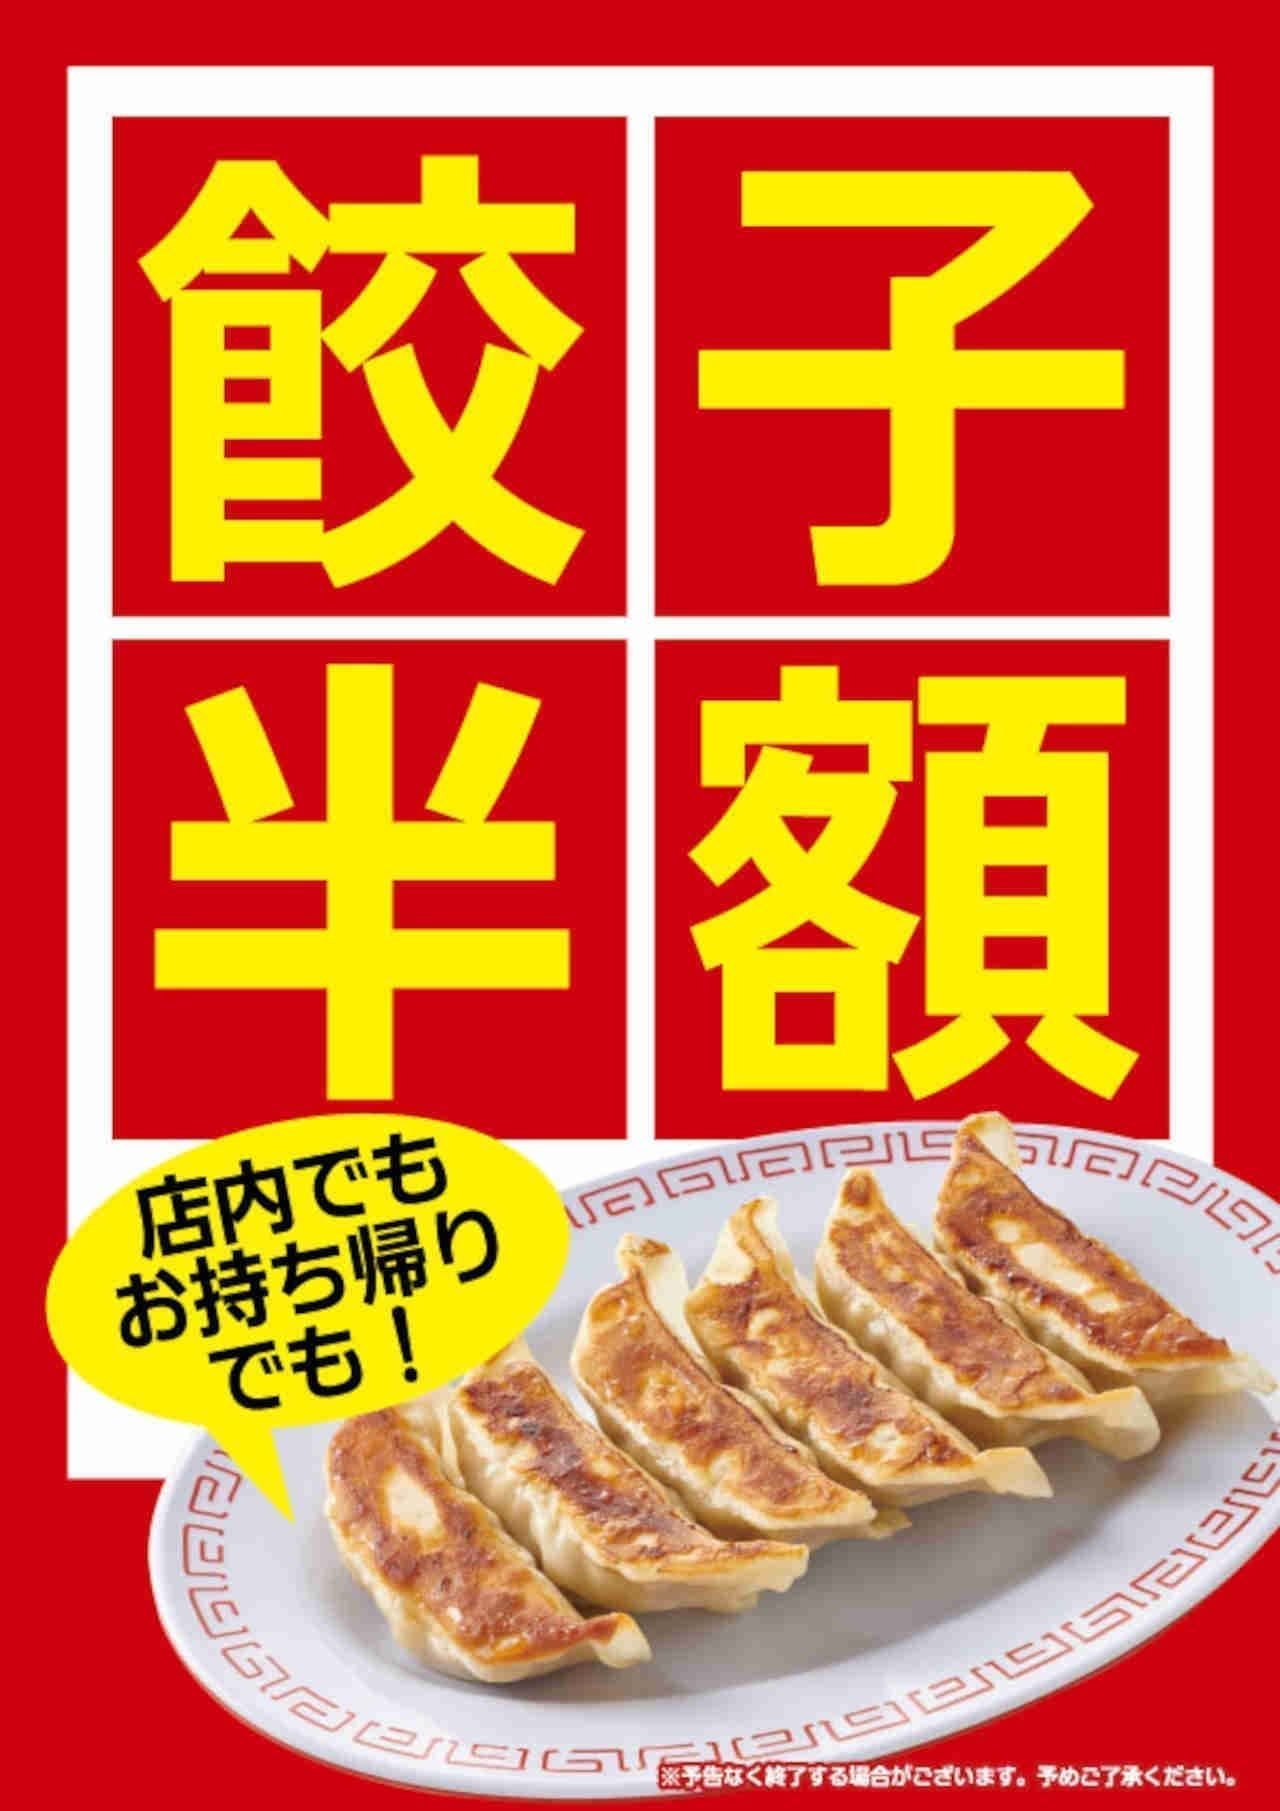 魁力屋で「餃子半額」キャンペーン5日間限定